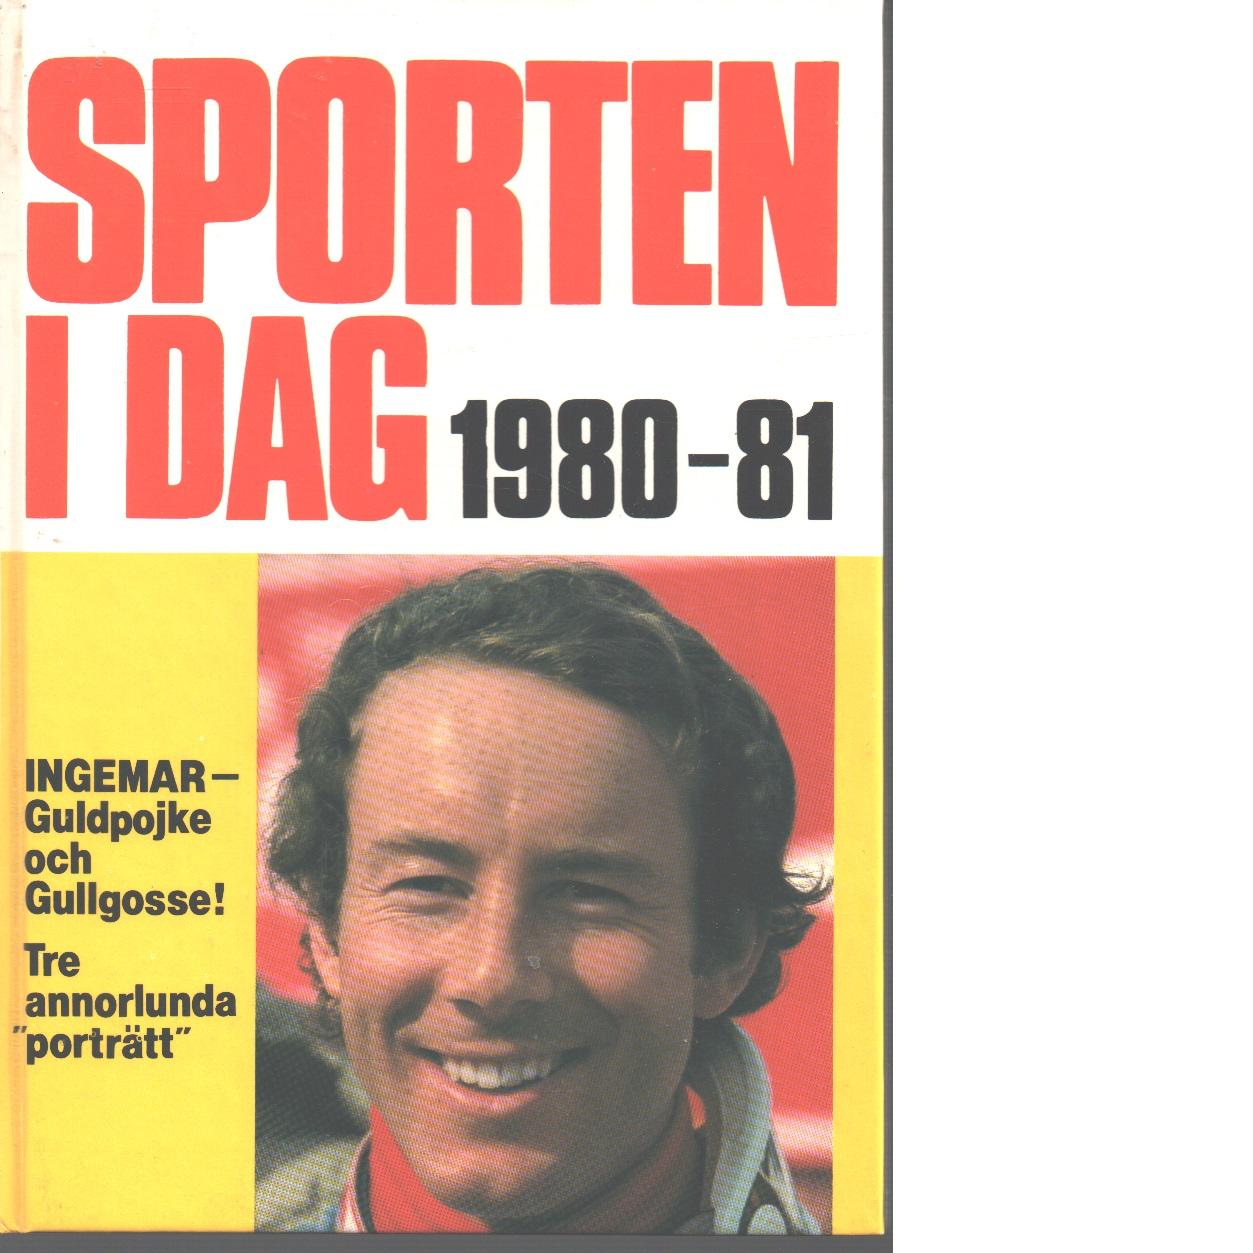 Sporten idag  1980 - 81 - Red,